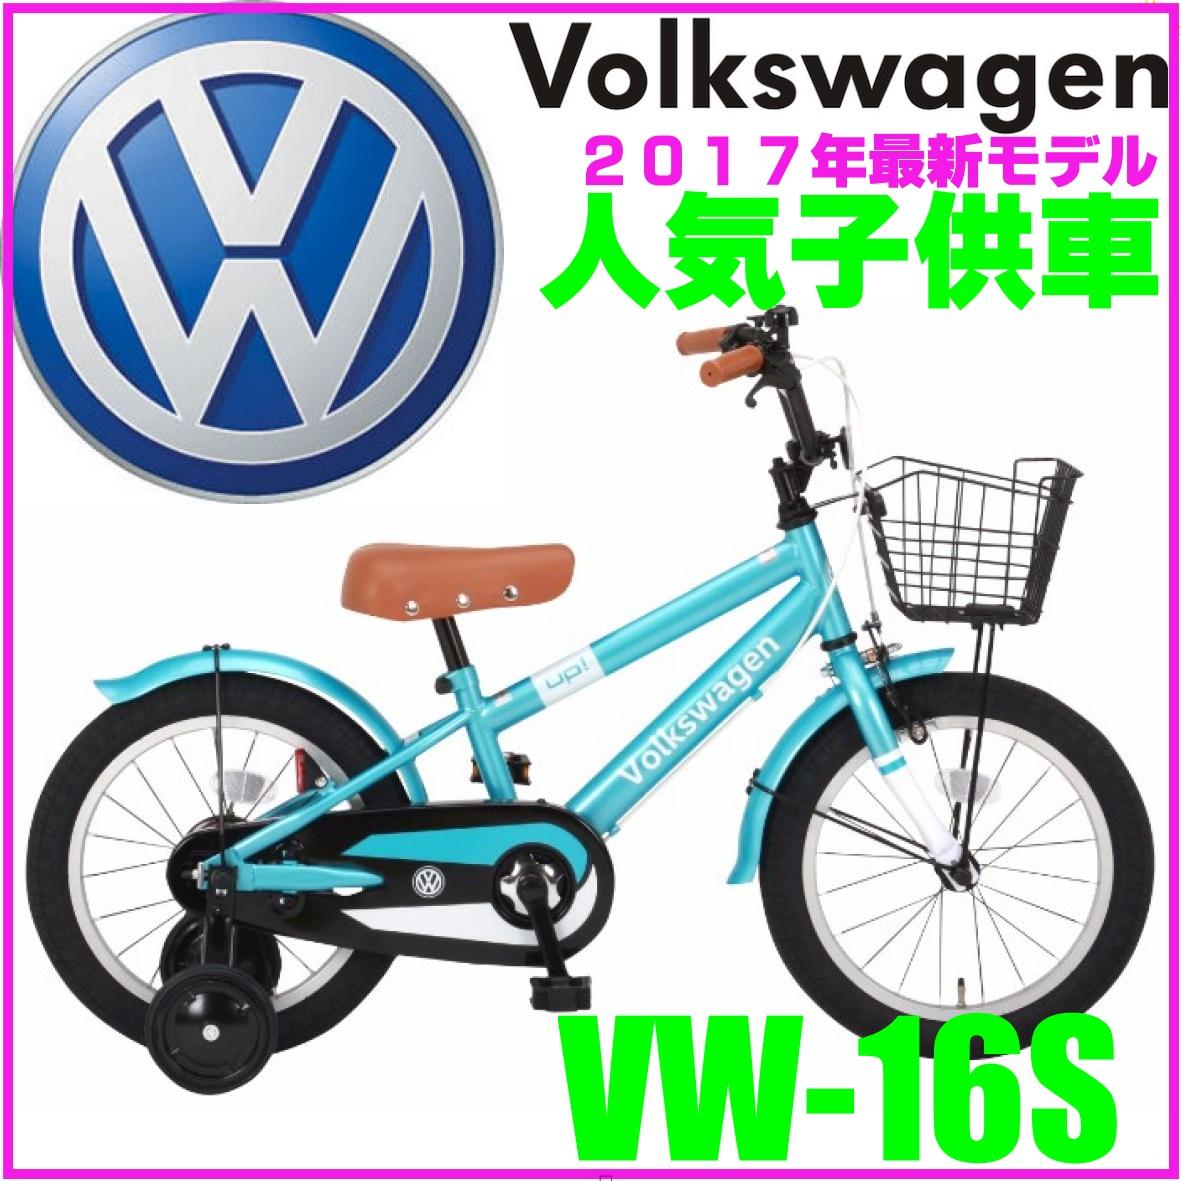 【最大21倍!エントリで! 楽天スーパーSALE】送料無料 フォルクスワーゲン 自転車 子供用 Volkswagen 自転車 アクア ブルー 16インチ 自転車 補助輪付き フォルクスワーゲン VW-16S up! 子ども車 アップキッズ 自転車 ジュニア